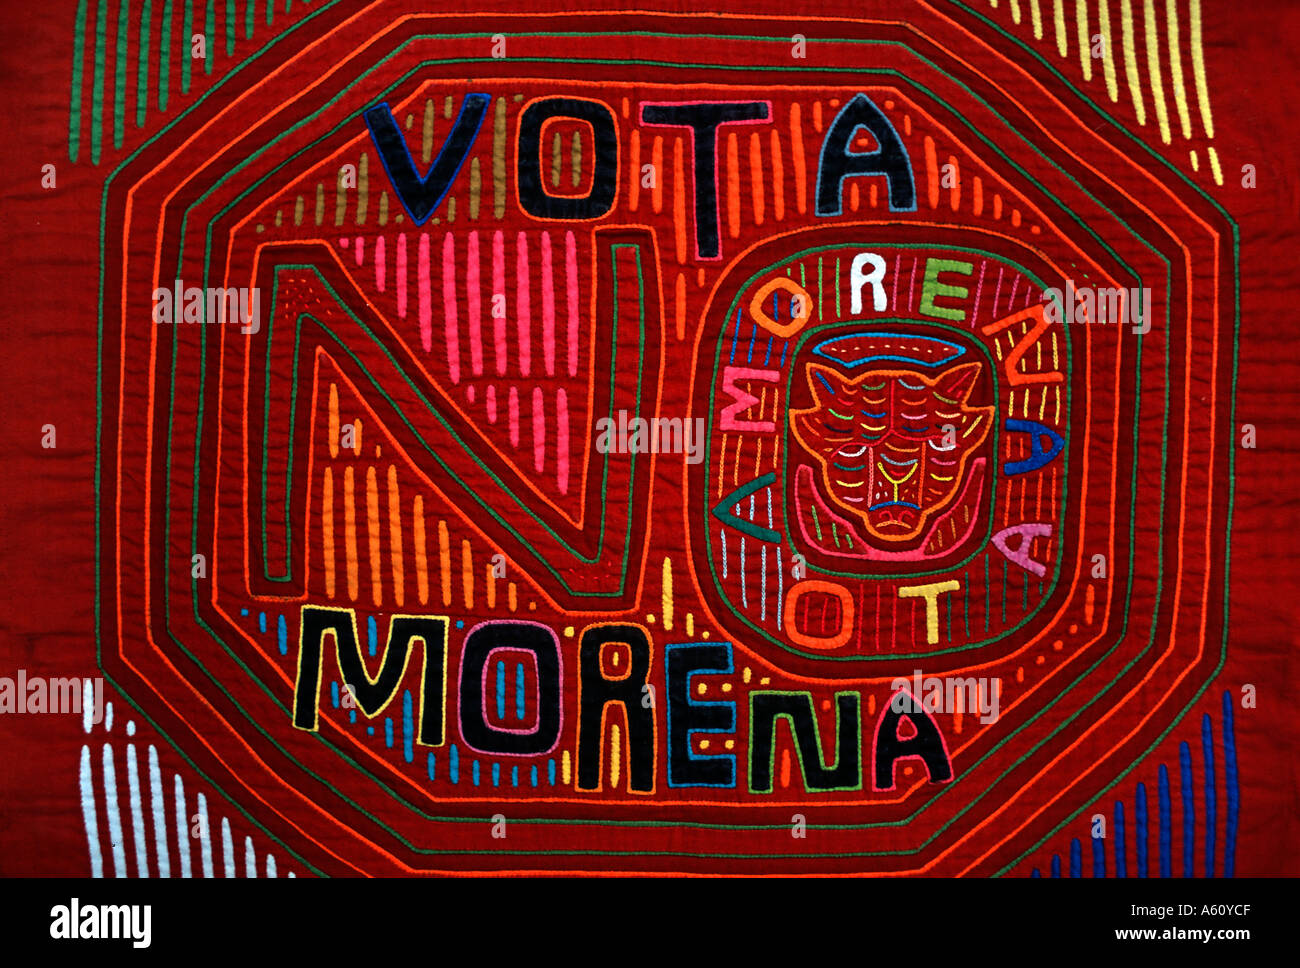 Appliqué decorazione applicata a bluse Molas s degli Indiani Kuna isole San  Blas Panama dichiarazione politica eeae1f1735d5